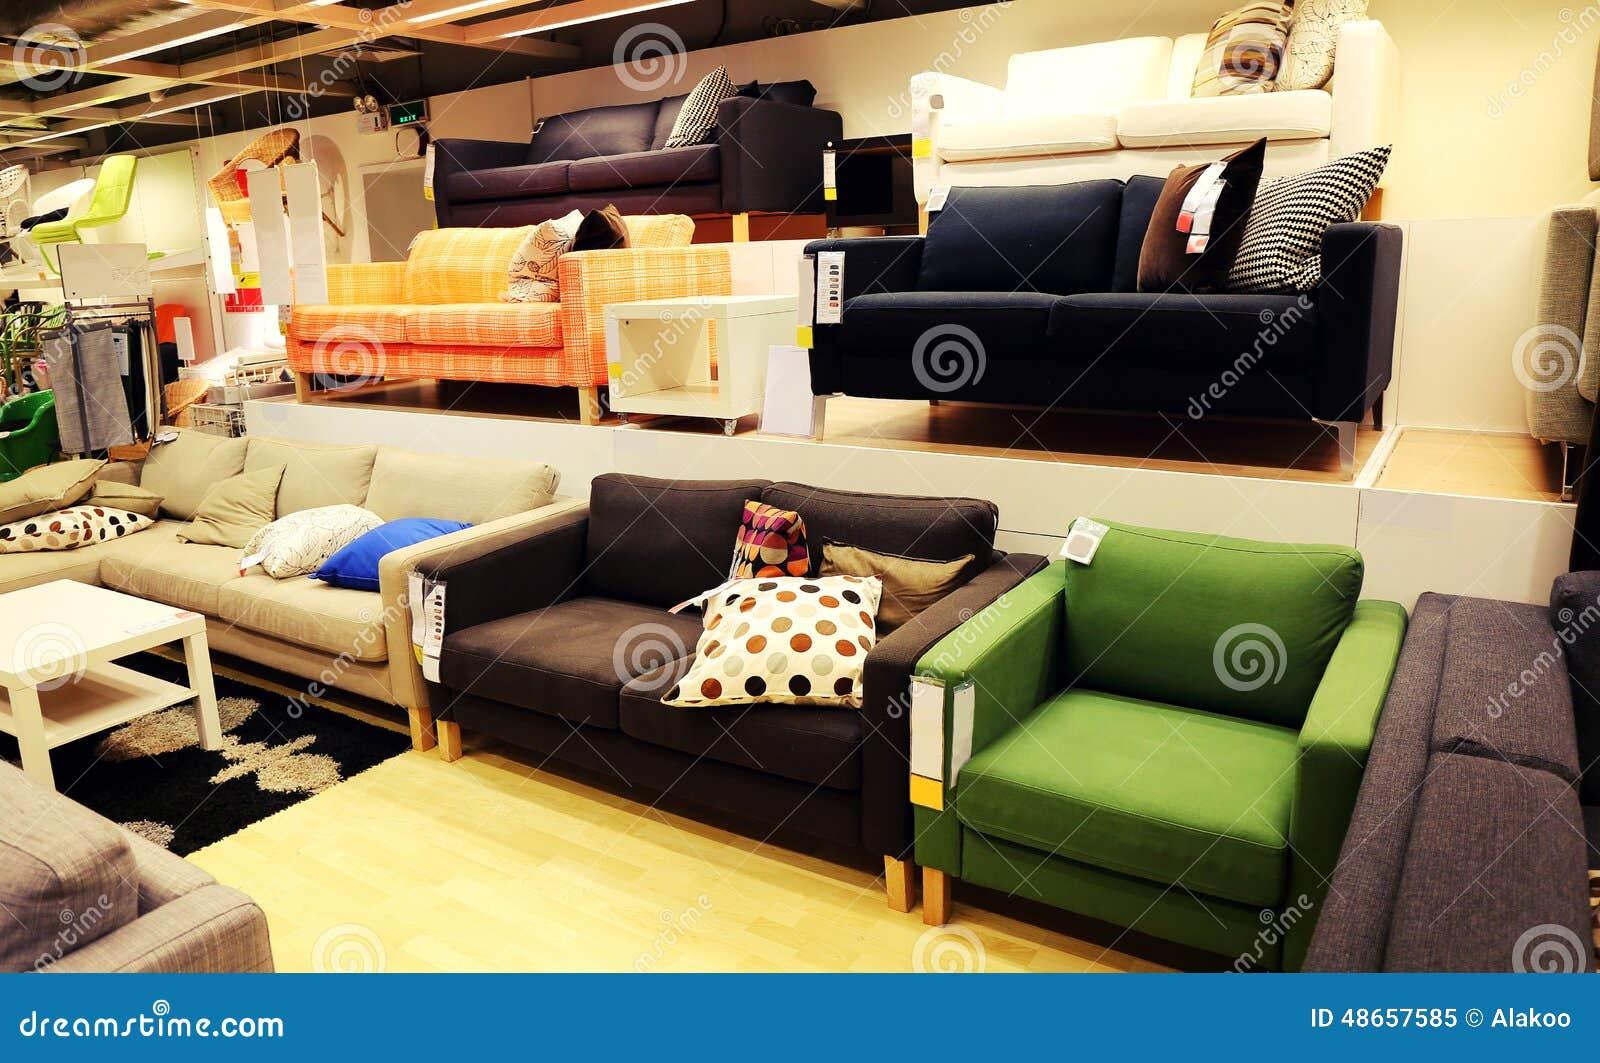 magasins de meubles modernes. Black Bedroom Furniture Sets. Home Design Ideas